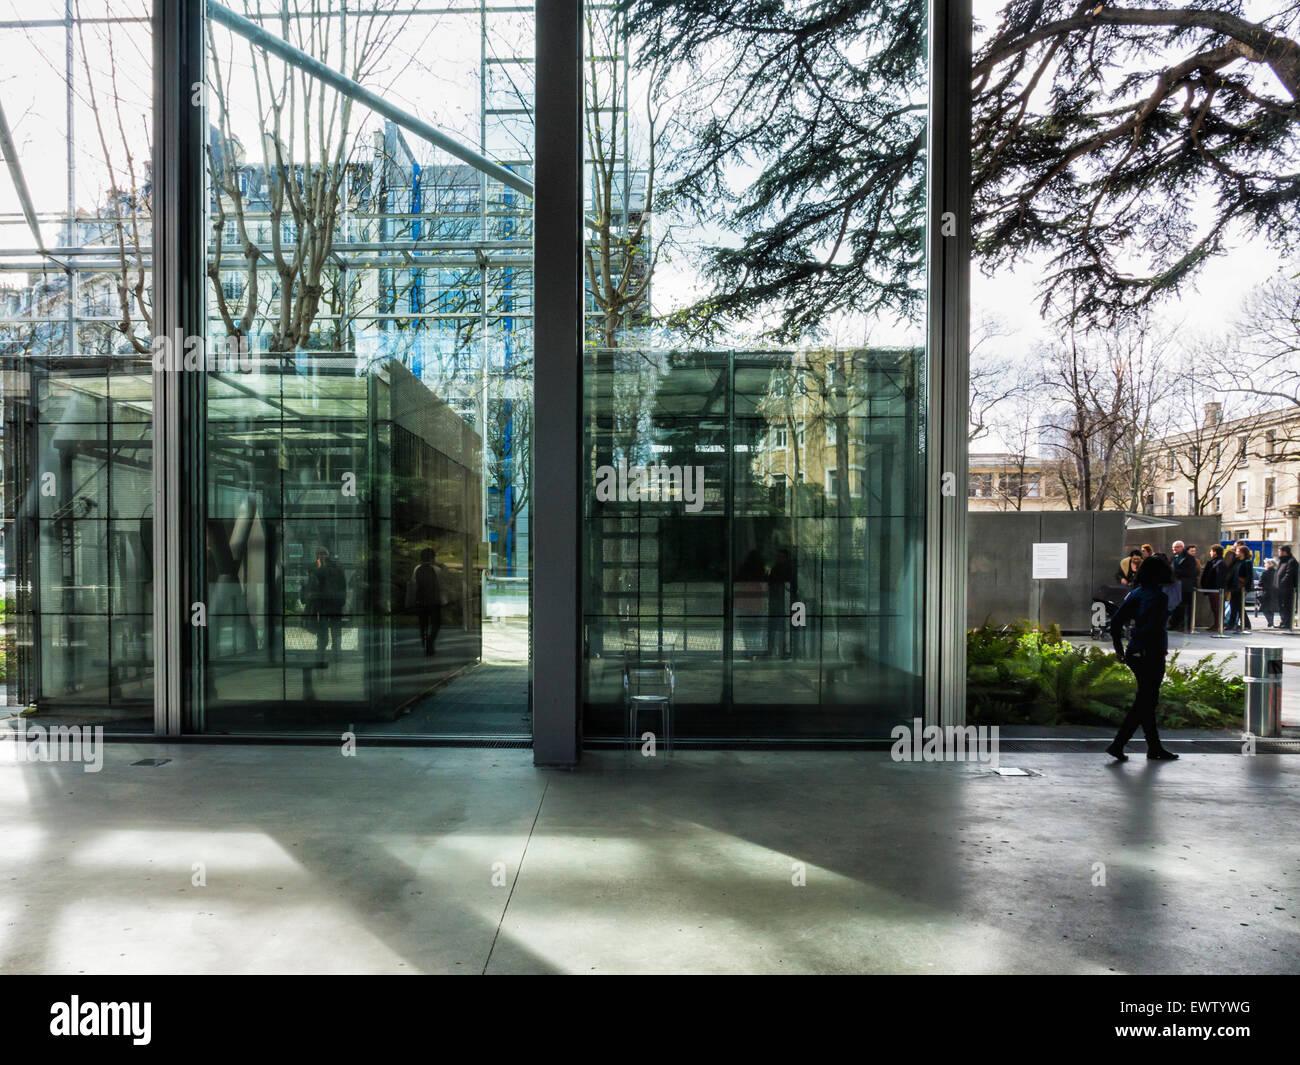 Fondation cartier pour l 39 art contemporain galerie d 39 art for Acheter art contemporain